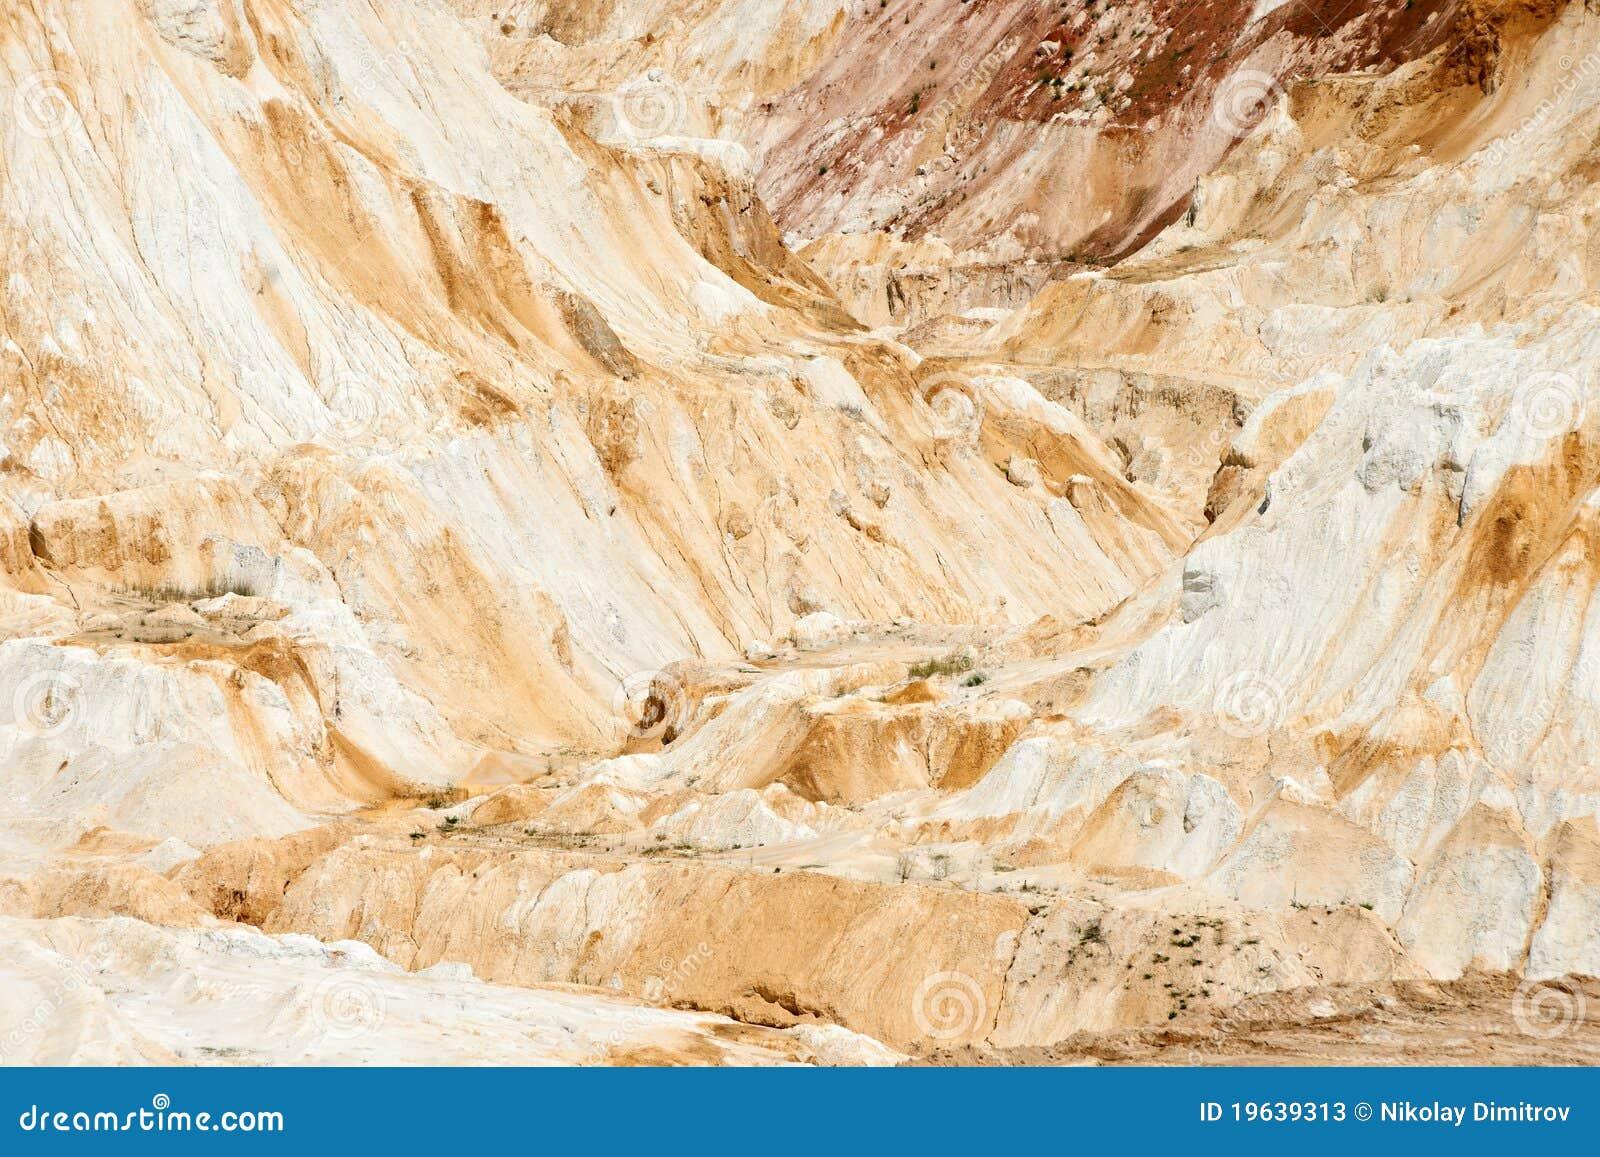 Piedra caliza blanca en una mina fotos de archivo imagen - Piedra caliza precio ...